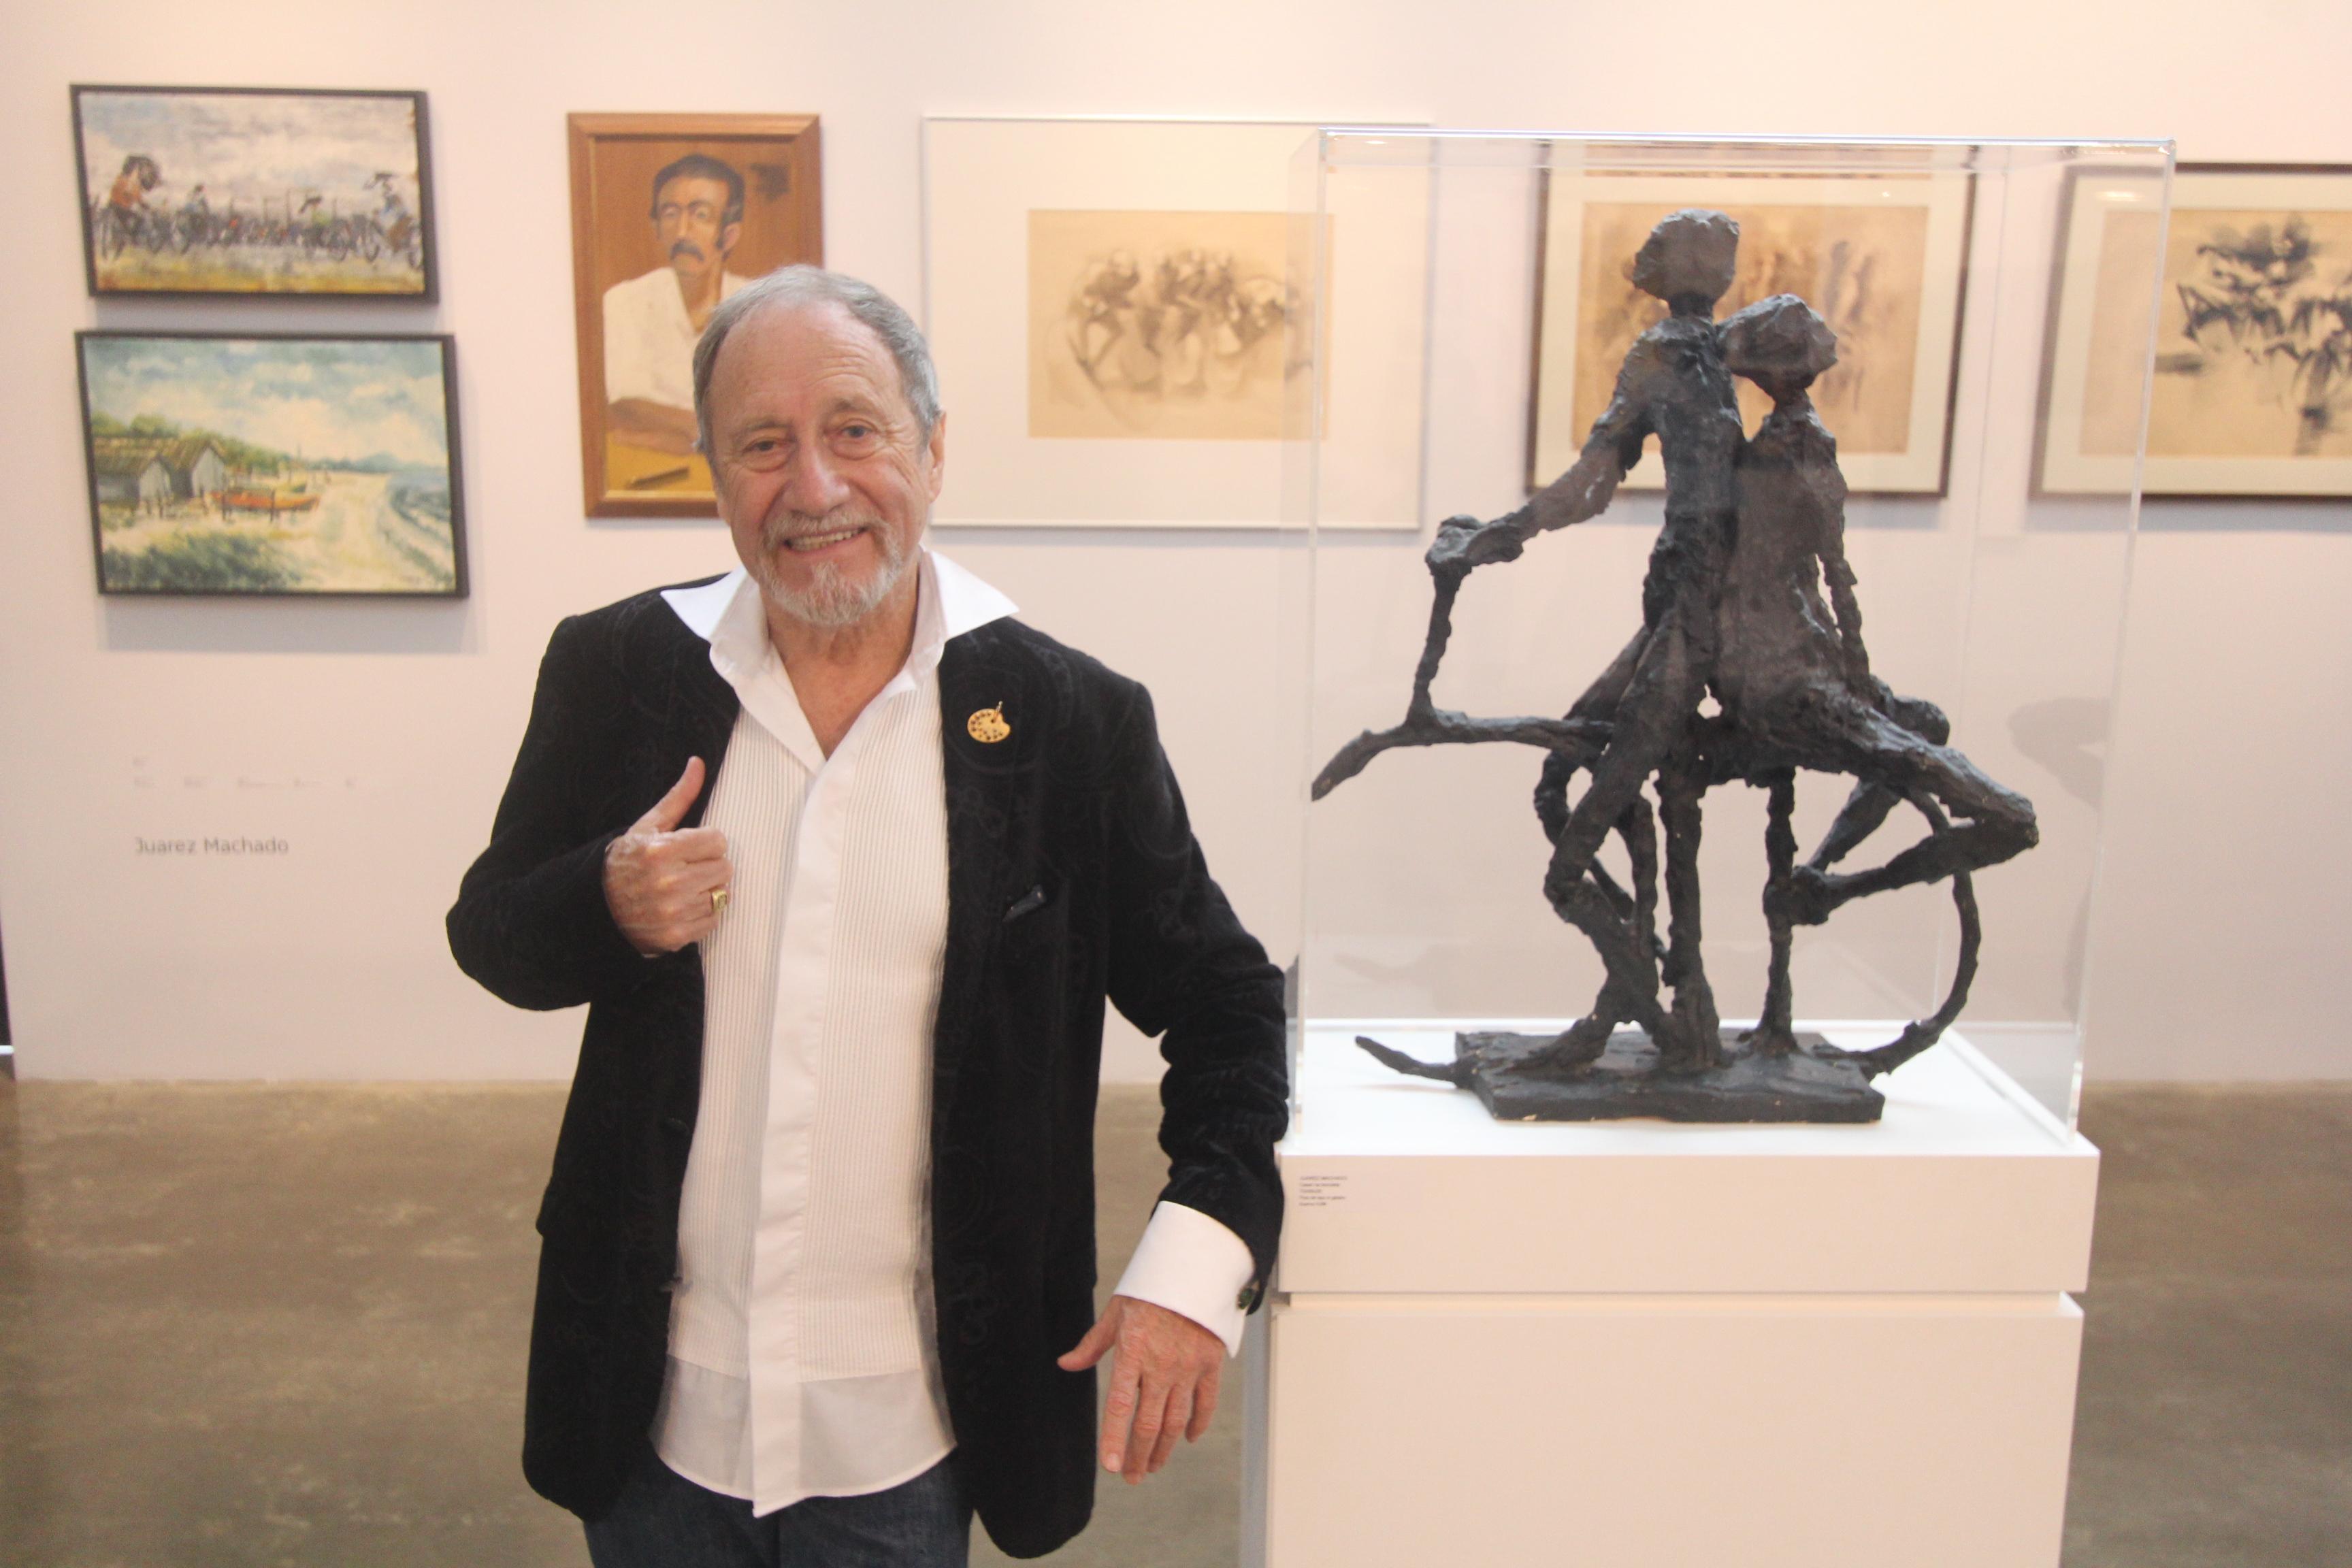 Obras do artista estão à venda em exposição de comemoração ao seu trabalho. – Foto: Fabrício Porto/ND